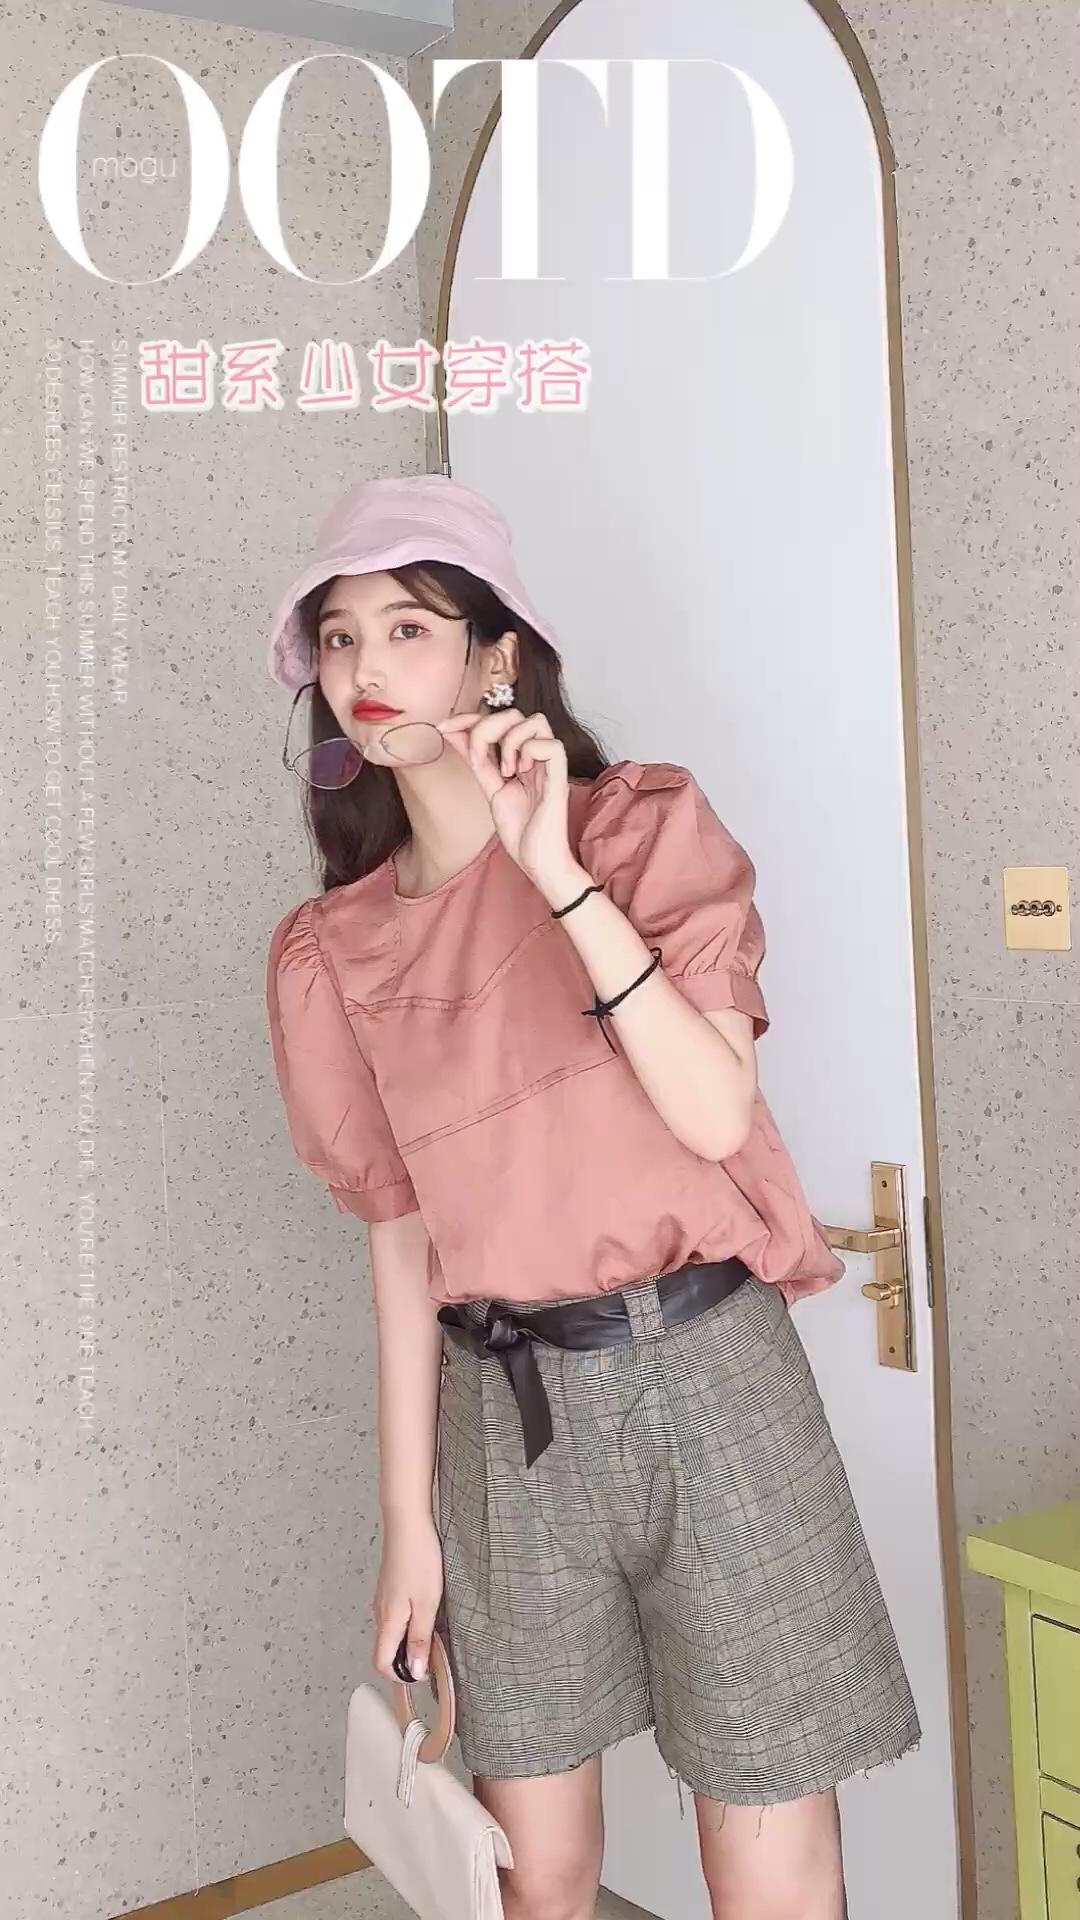 #日常时髦经:舒服最重要!#  粉色的初恋搭配来啦 粉色的泡泡袖上衣搭配格子的短裤 很有气质款的搭配哦 粉色的渔夫帽版型很不错啦 搭配上米色的包包 都是很有气质的单品搭配哦